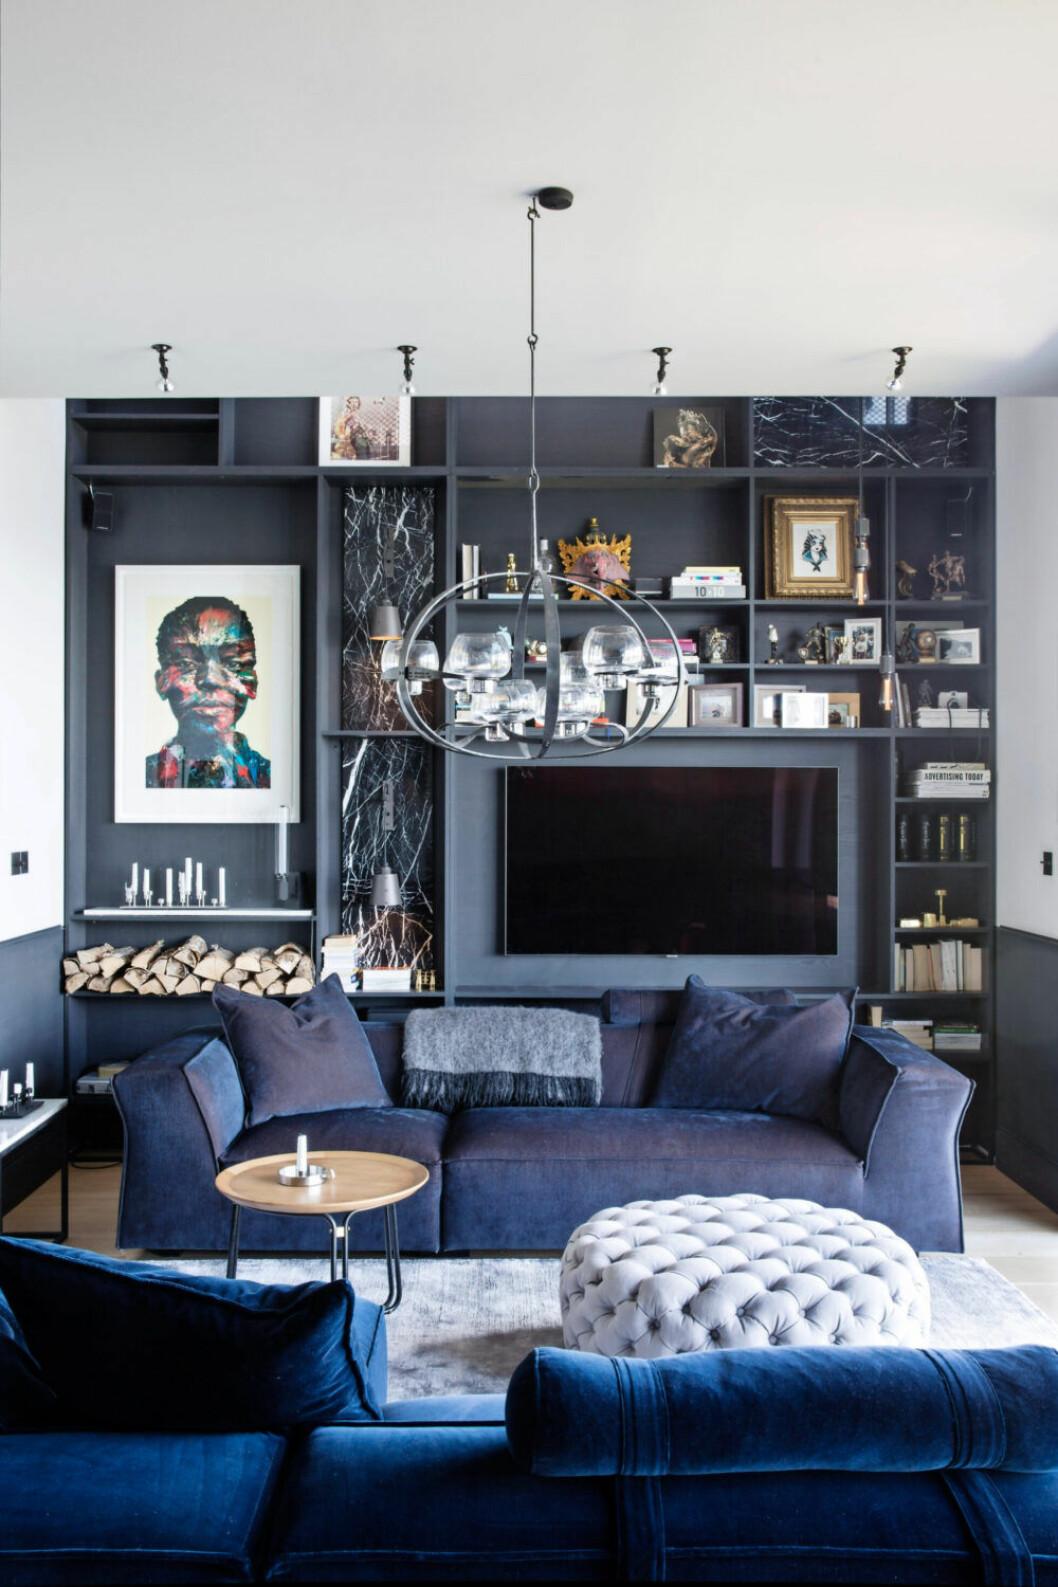 Mäktig platsbyggd bokhylla i blått med soffa i samma blåa nyans och en ljusblå sittpuff